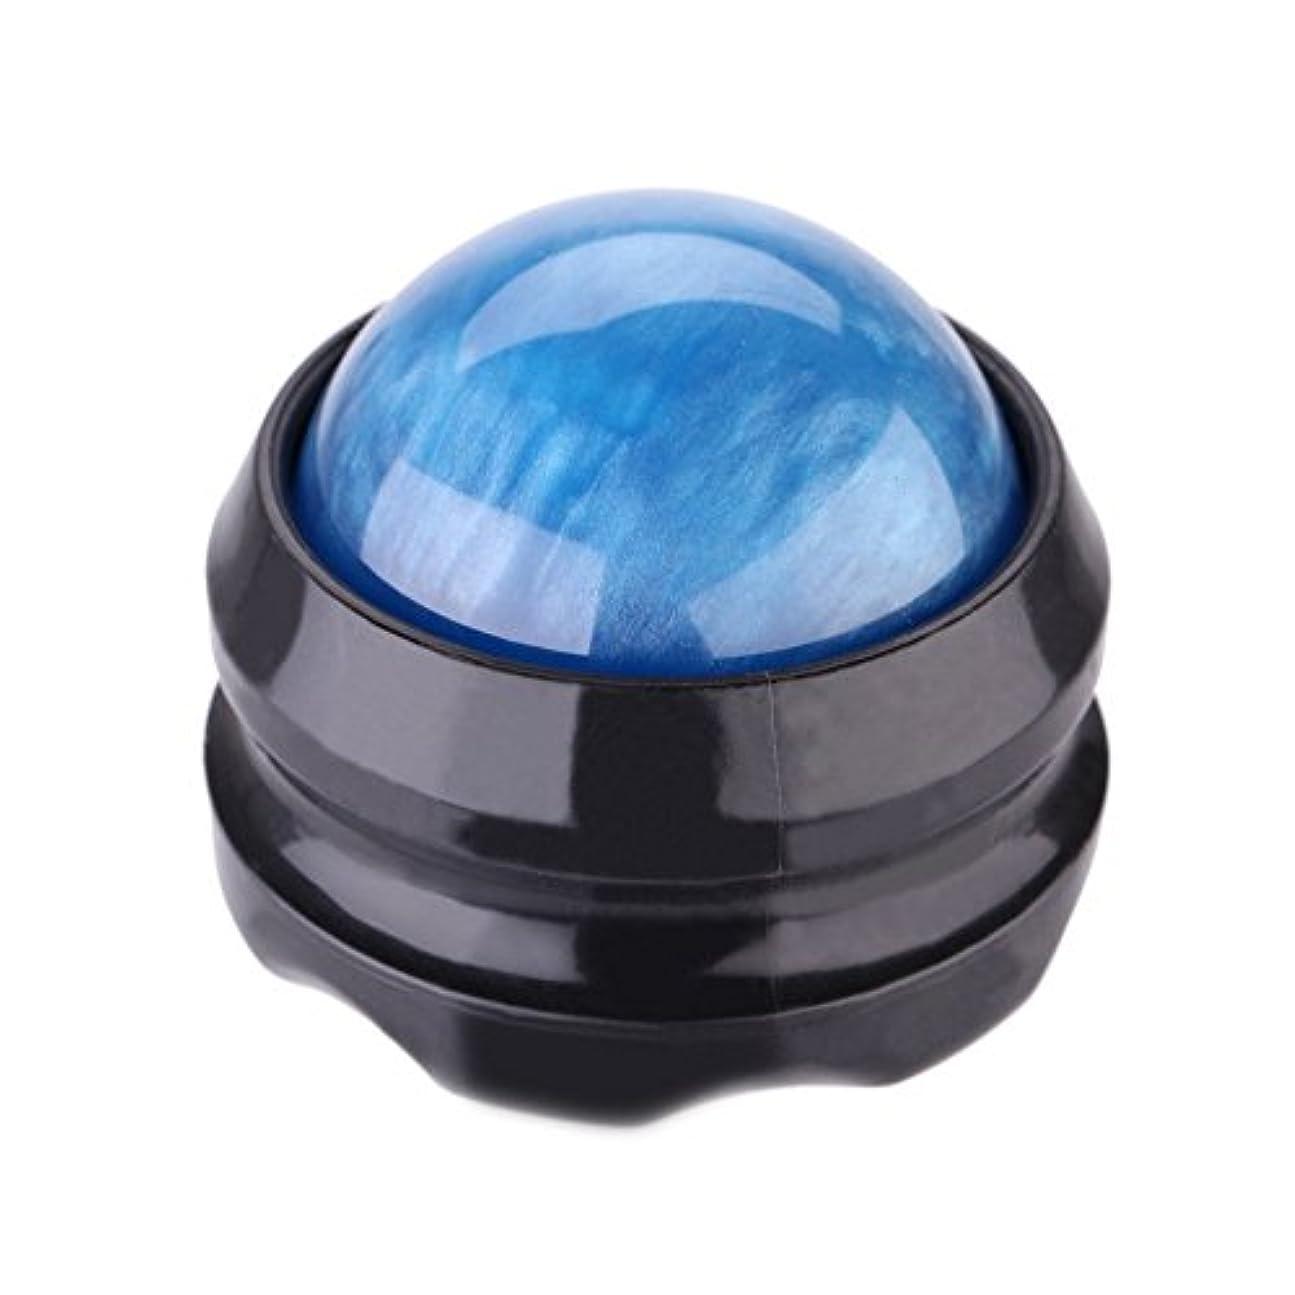 バター冒険者狼Trueland マッサージ ボール 360度回転 背中 首 腰 筋膜リリース 健康器具 (青)